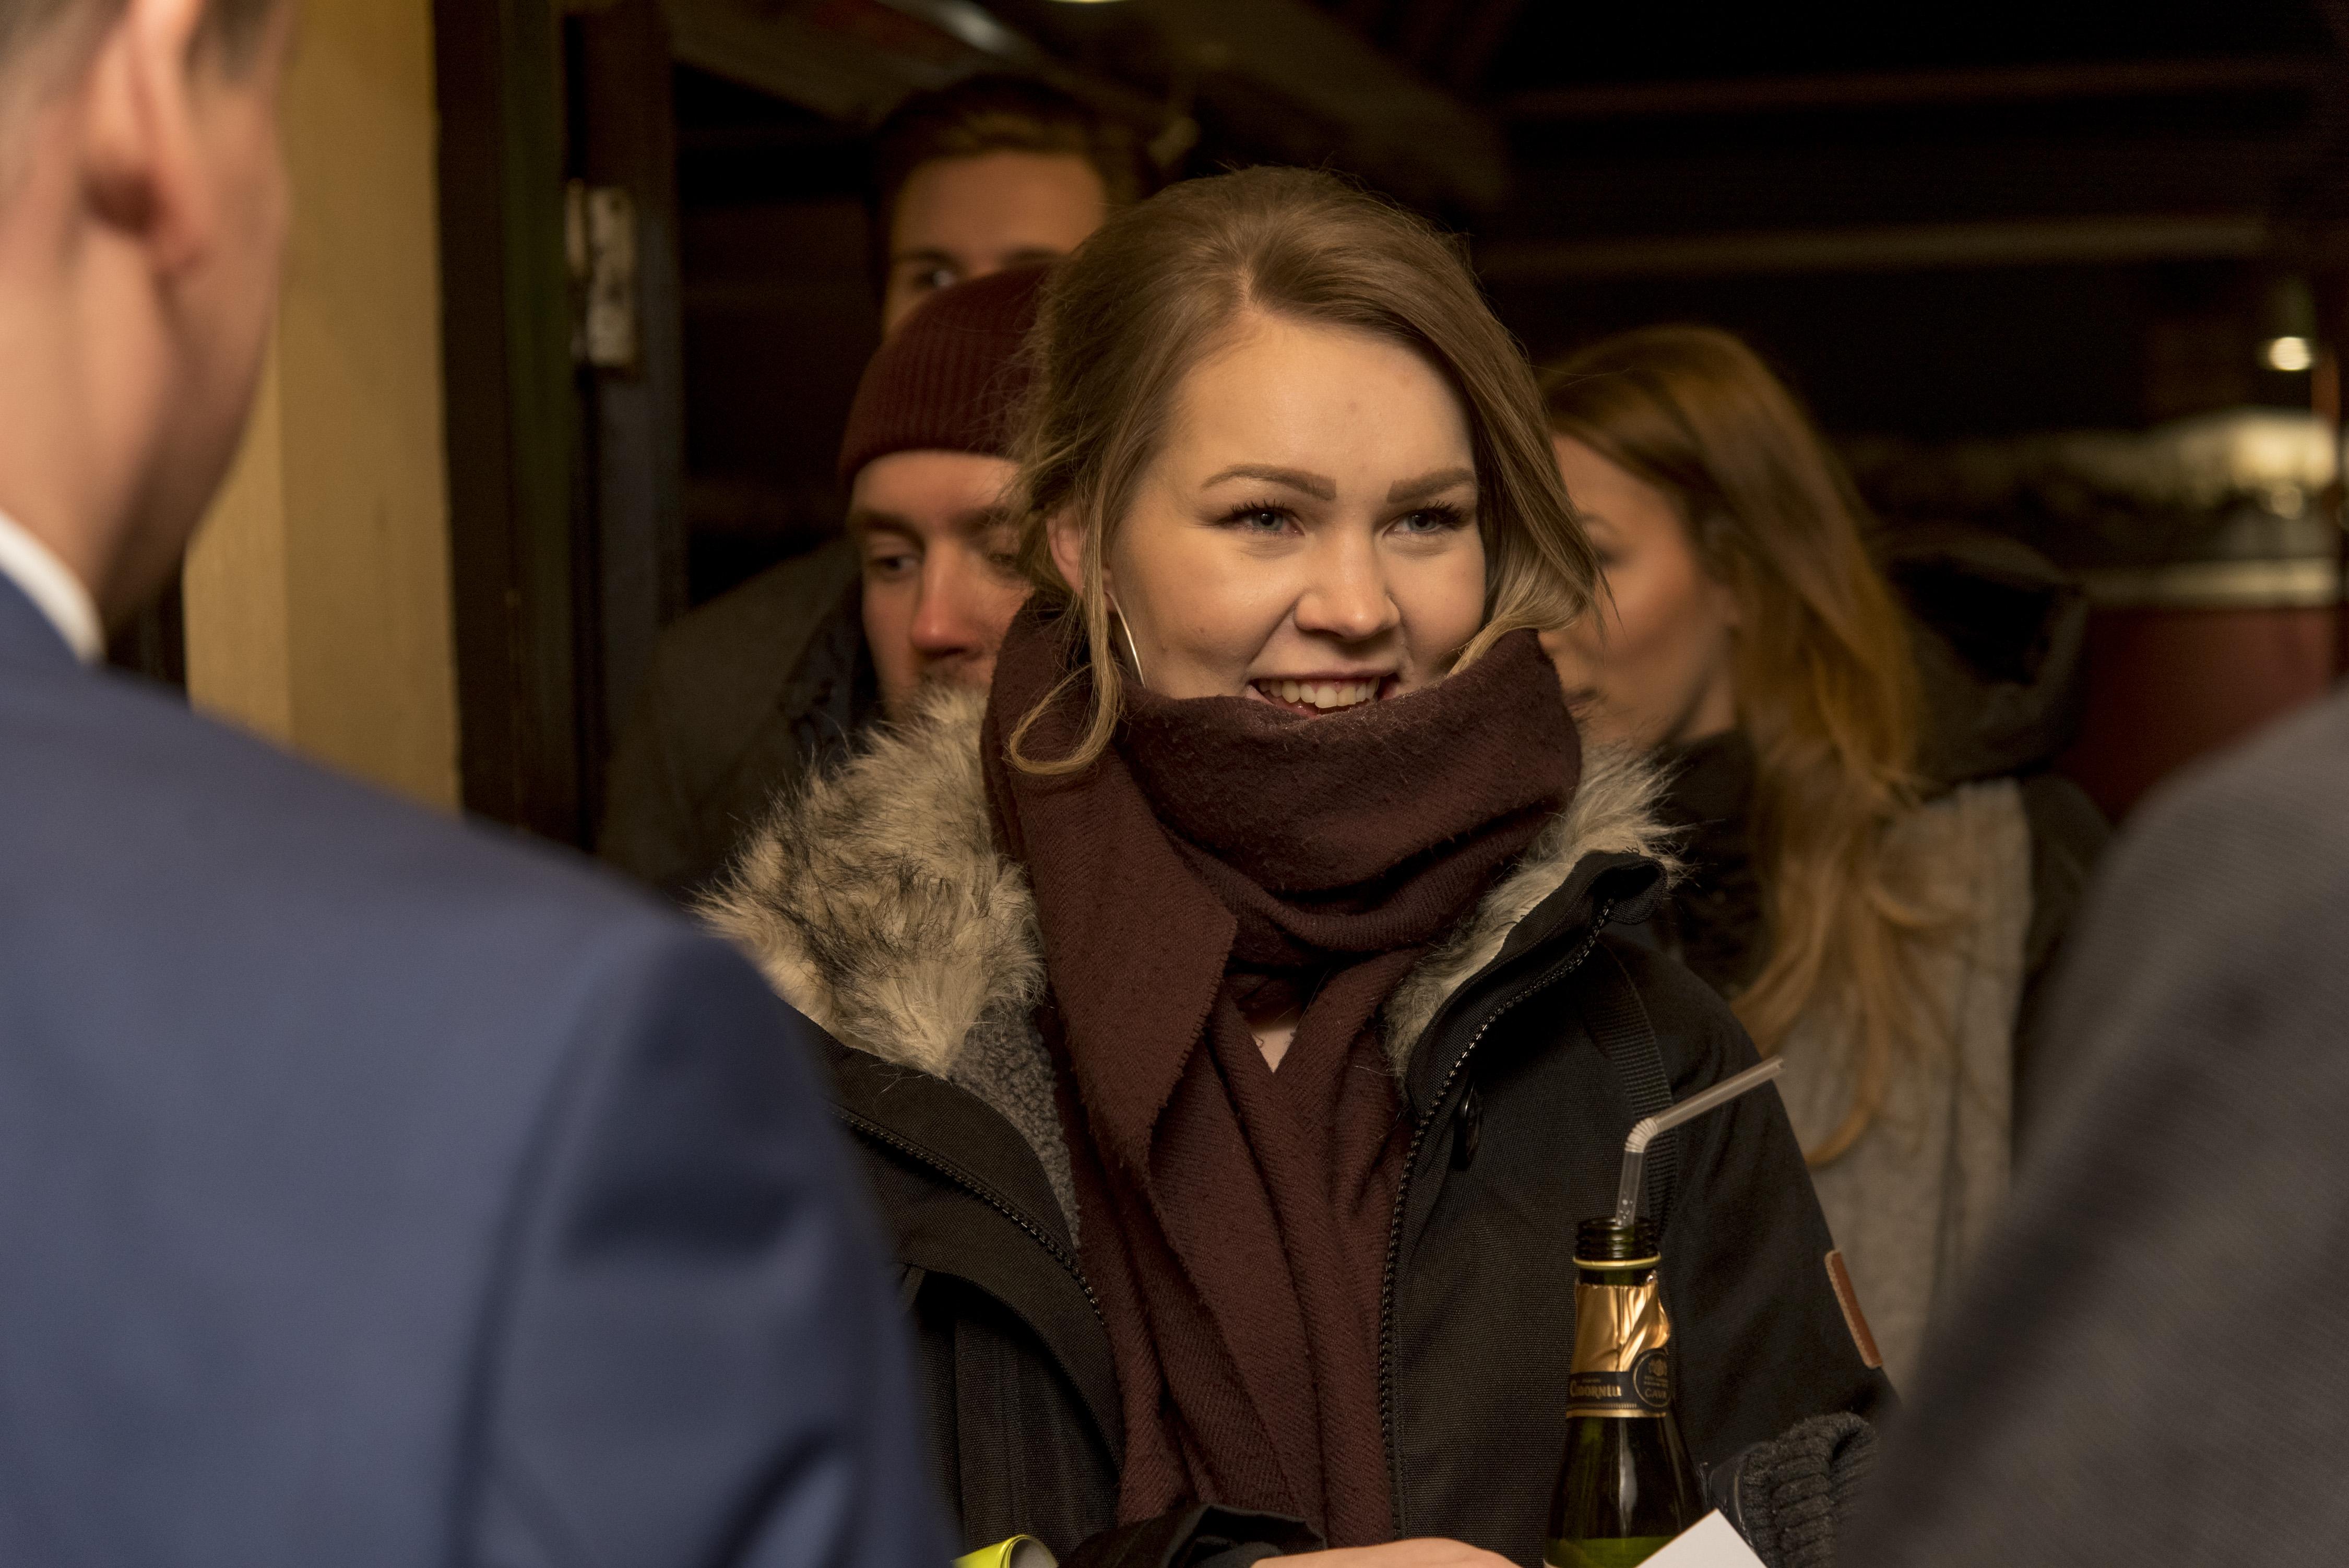 Kaarlenpäivät. 1.2.2019. Oulu.